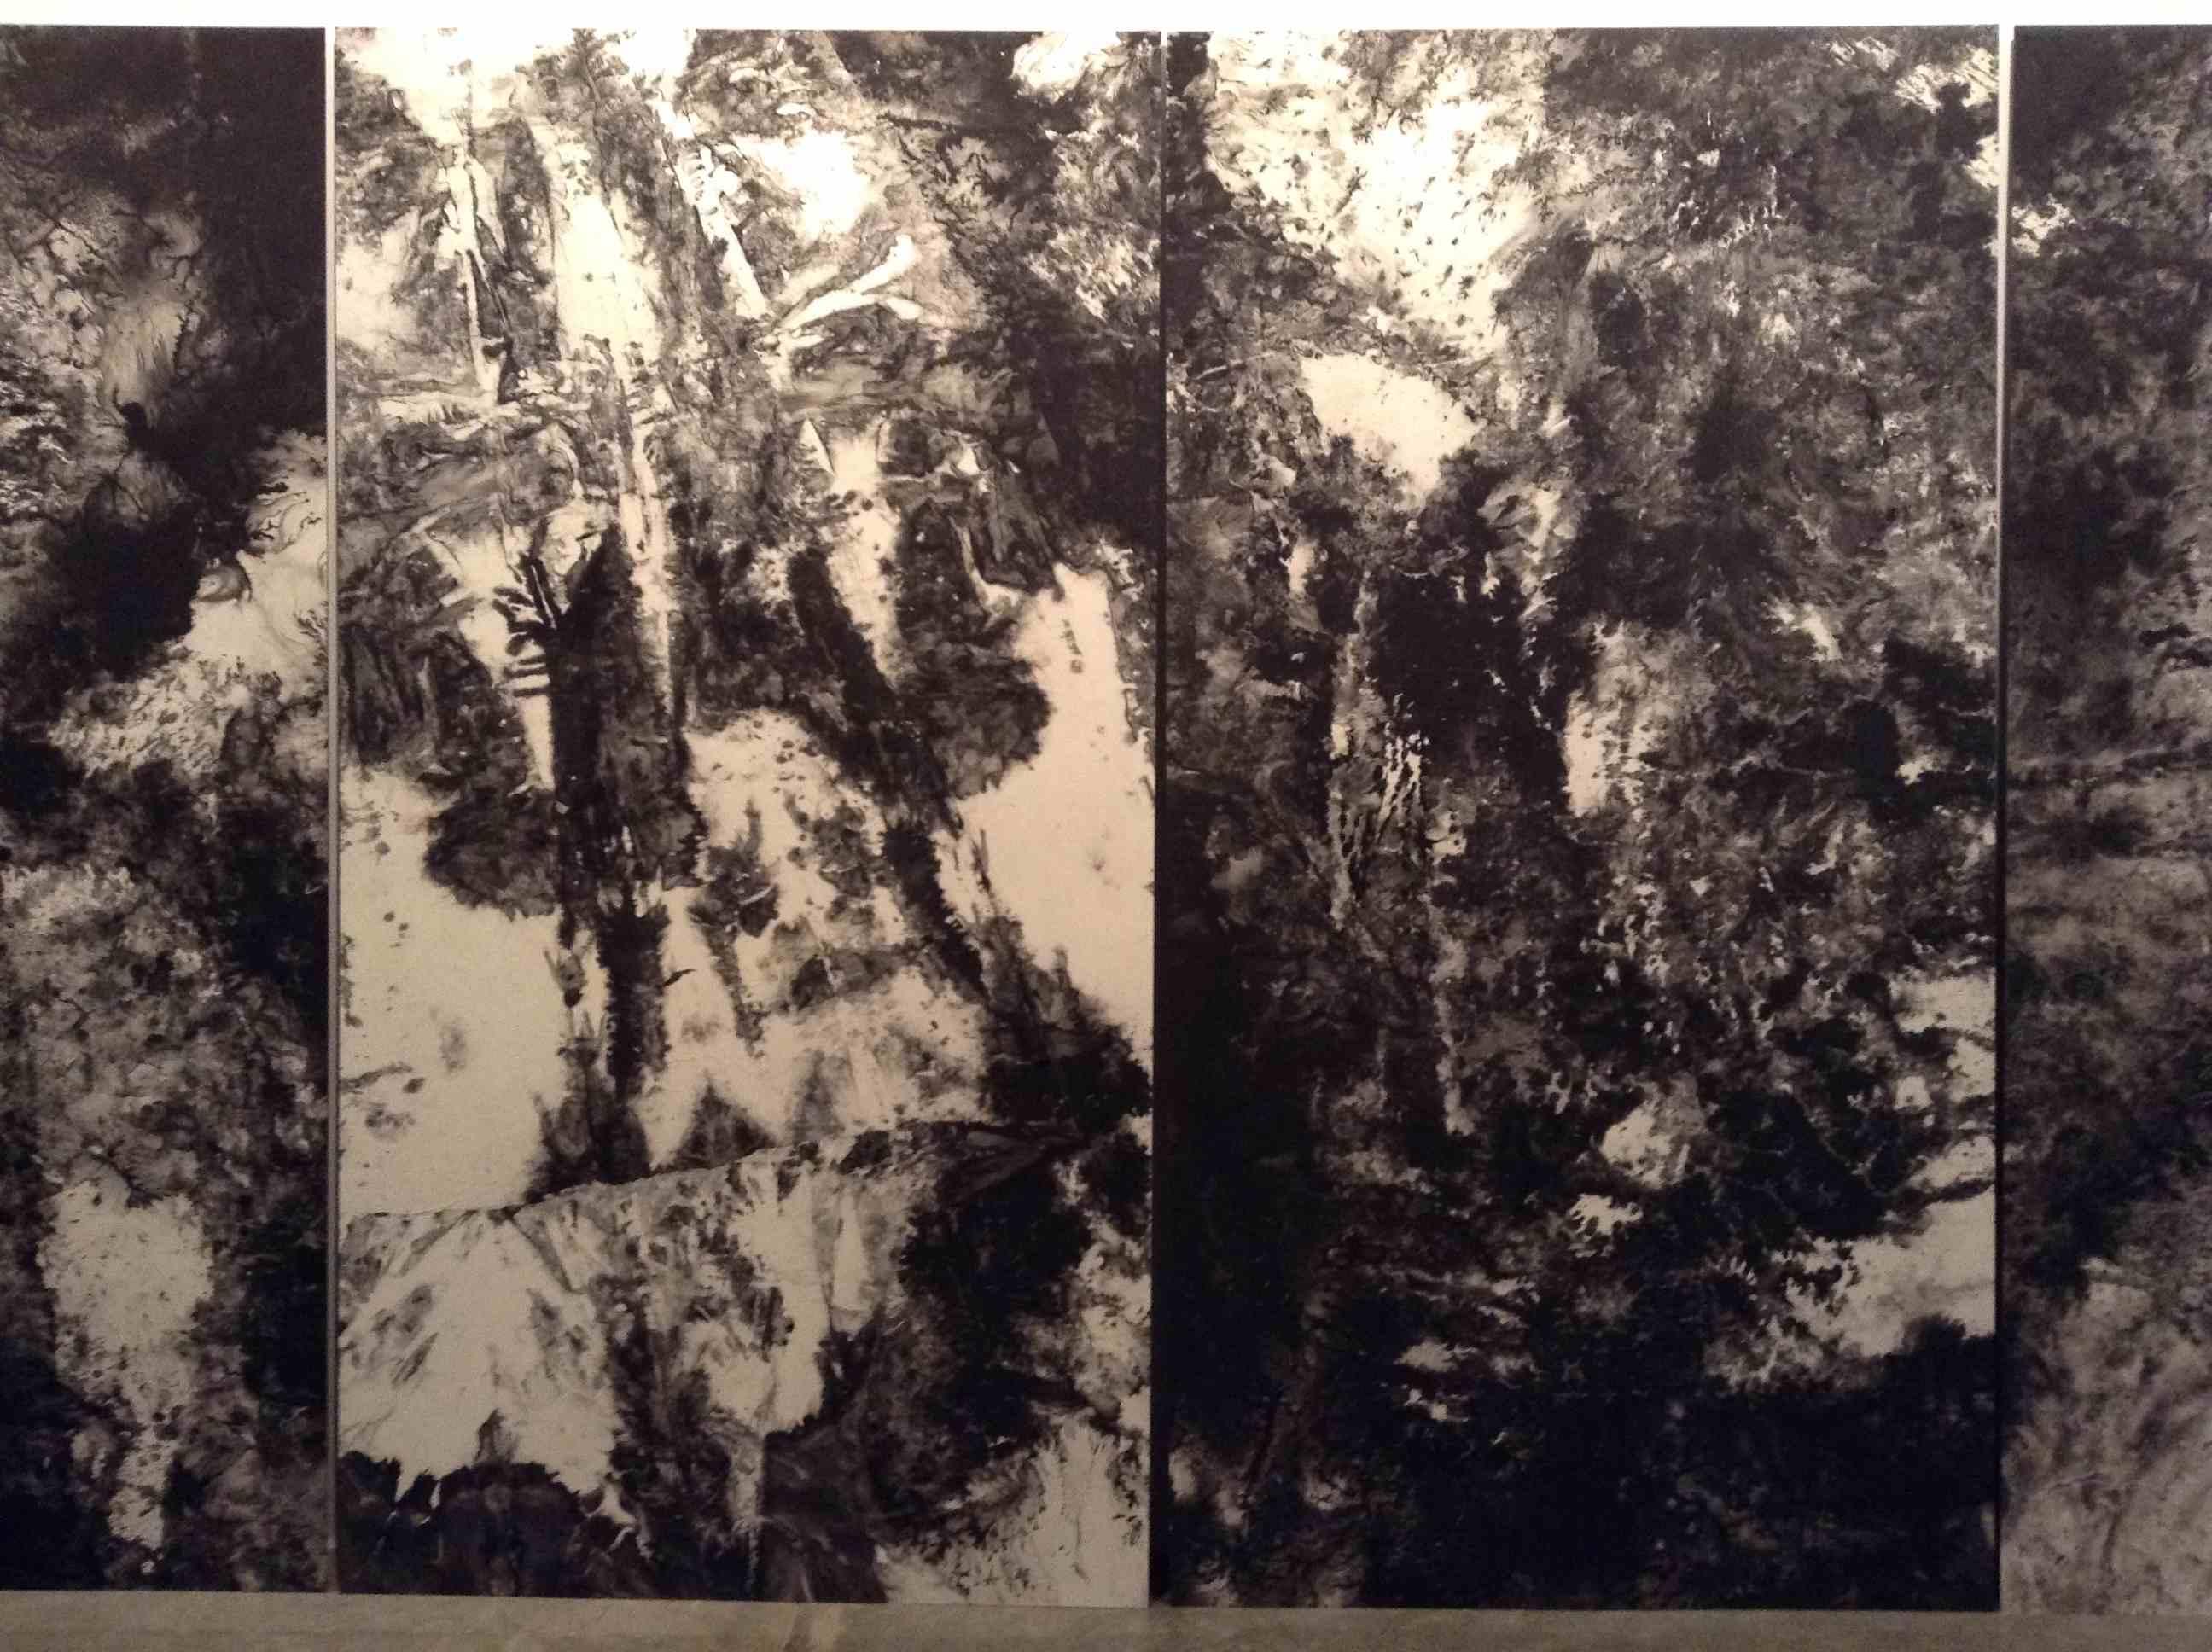 Una de las obras de Bingyi en la galería Charpa. Imagen cortesía de Charpa.